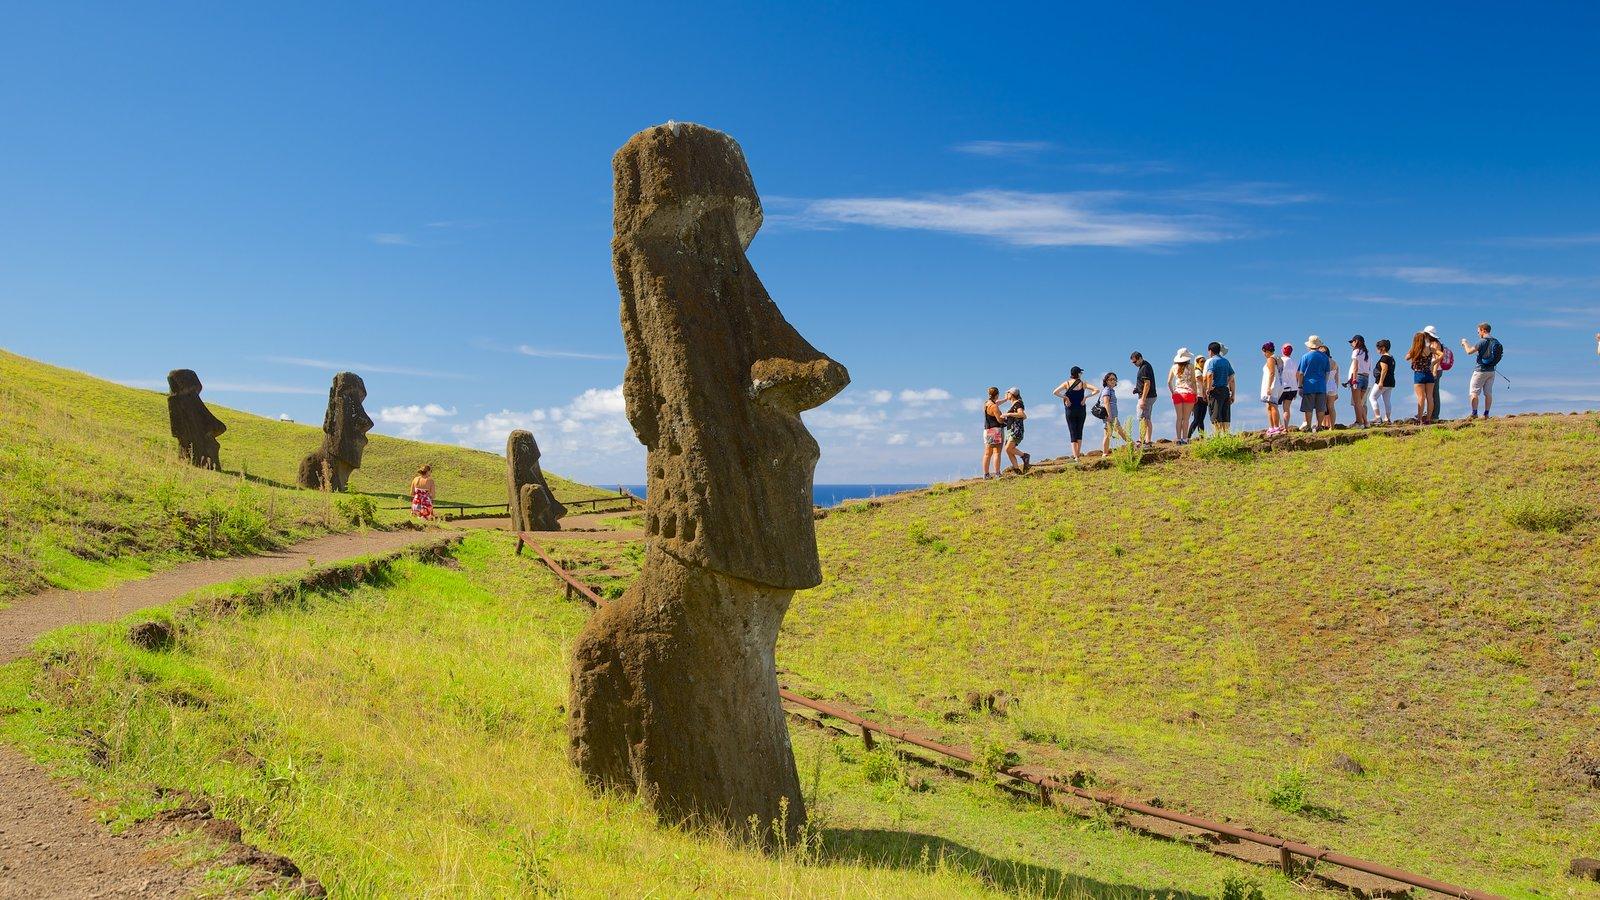 Rano Raraku que inclui elementos de patrimônio e uma estátua ou escultura assim como um pequeno grupo de pessoas